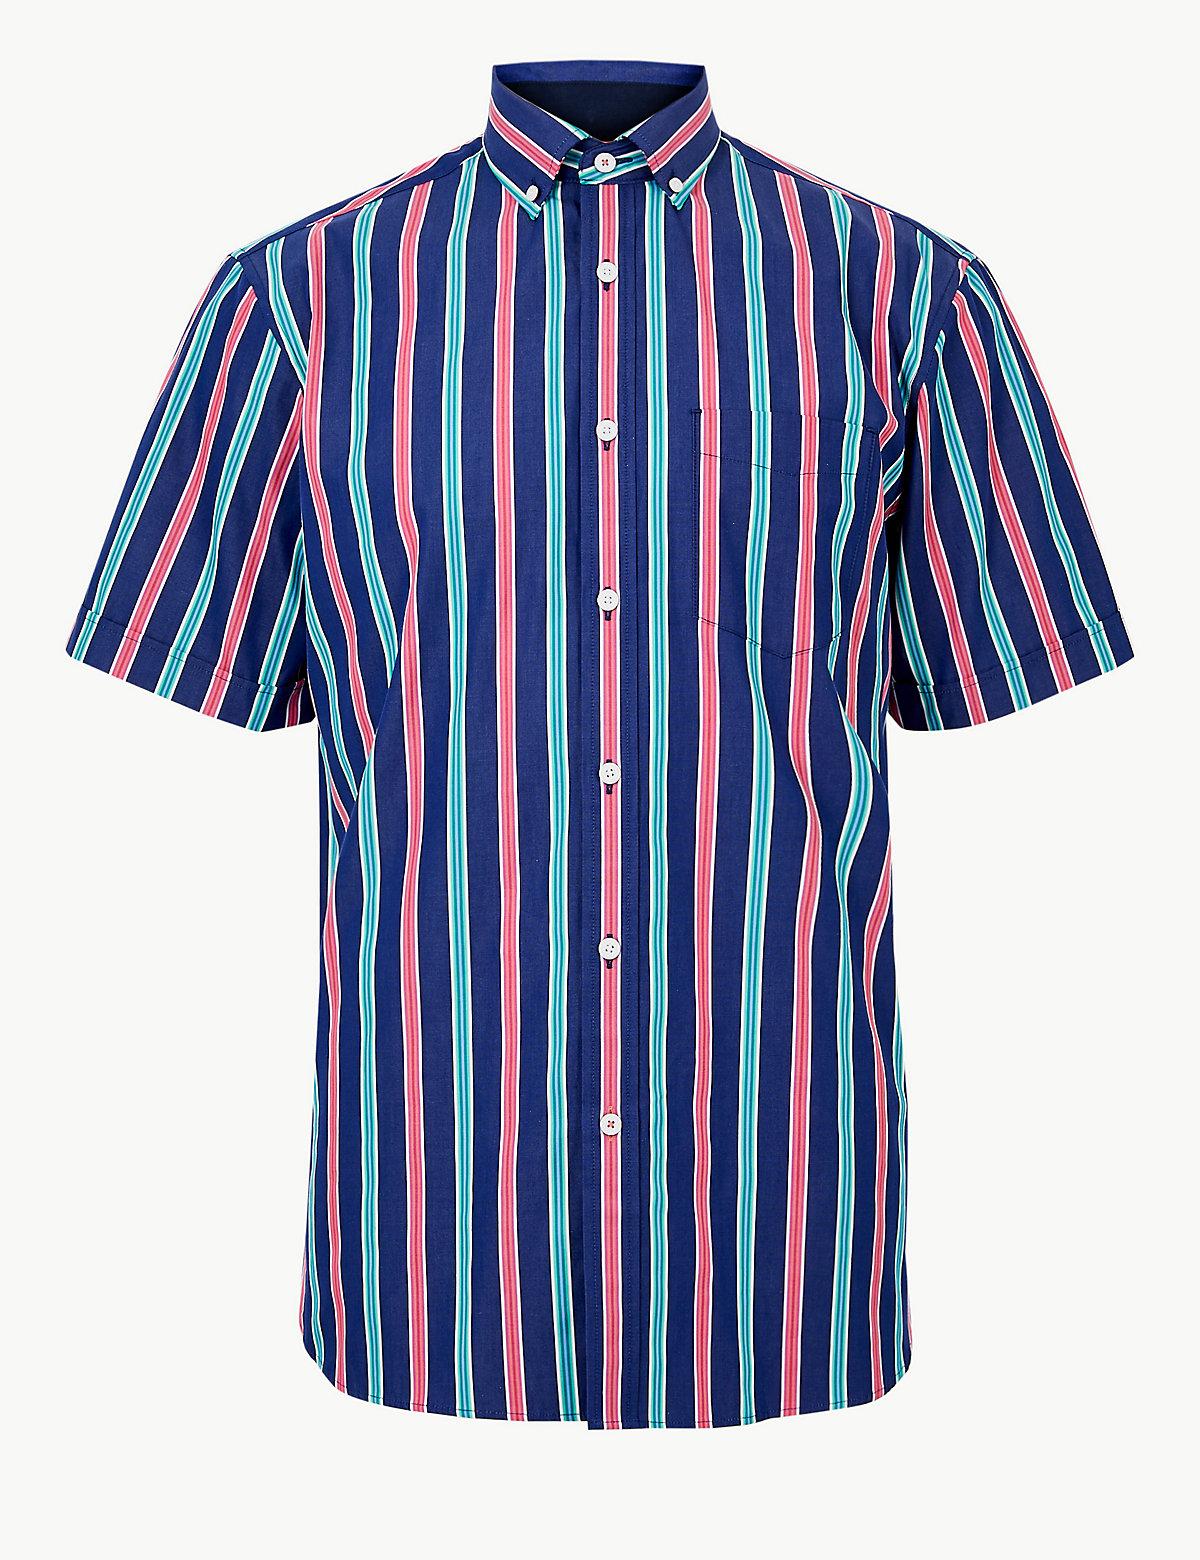 Мужская рубашка в крупную цветную полоску